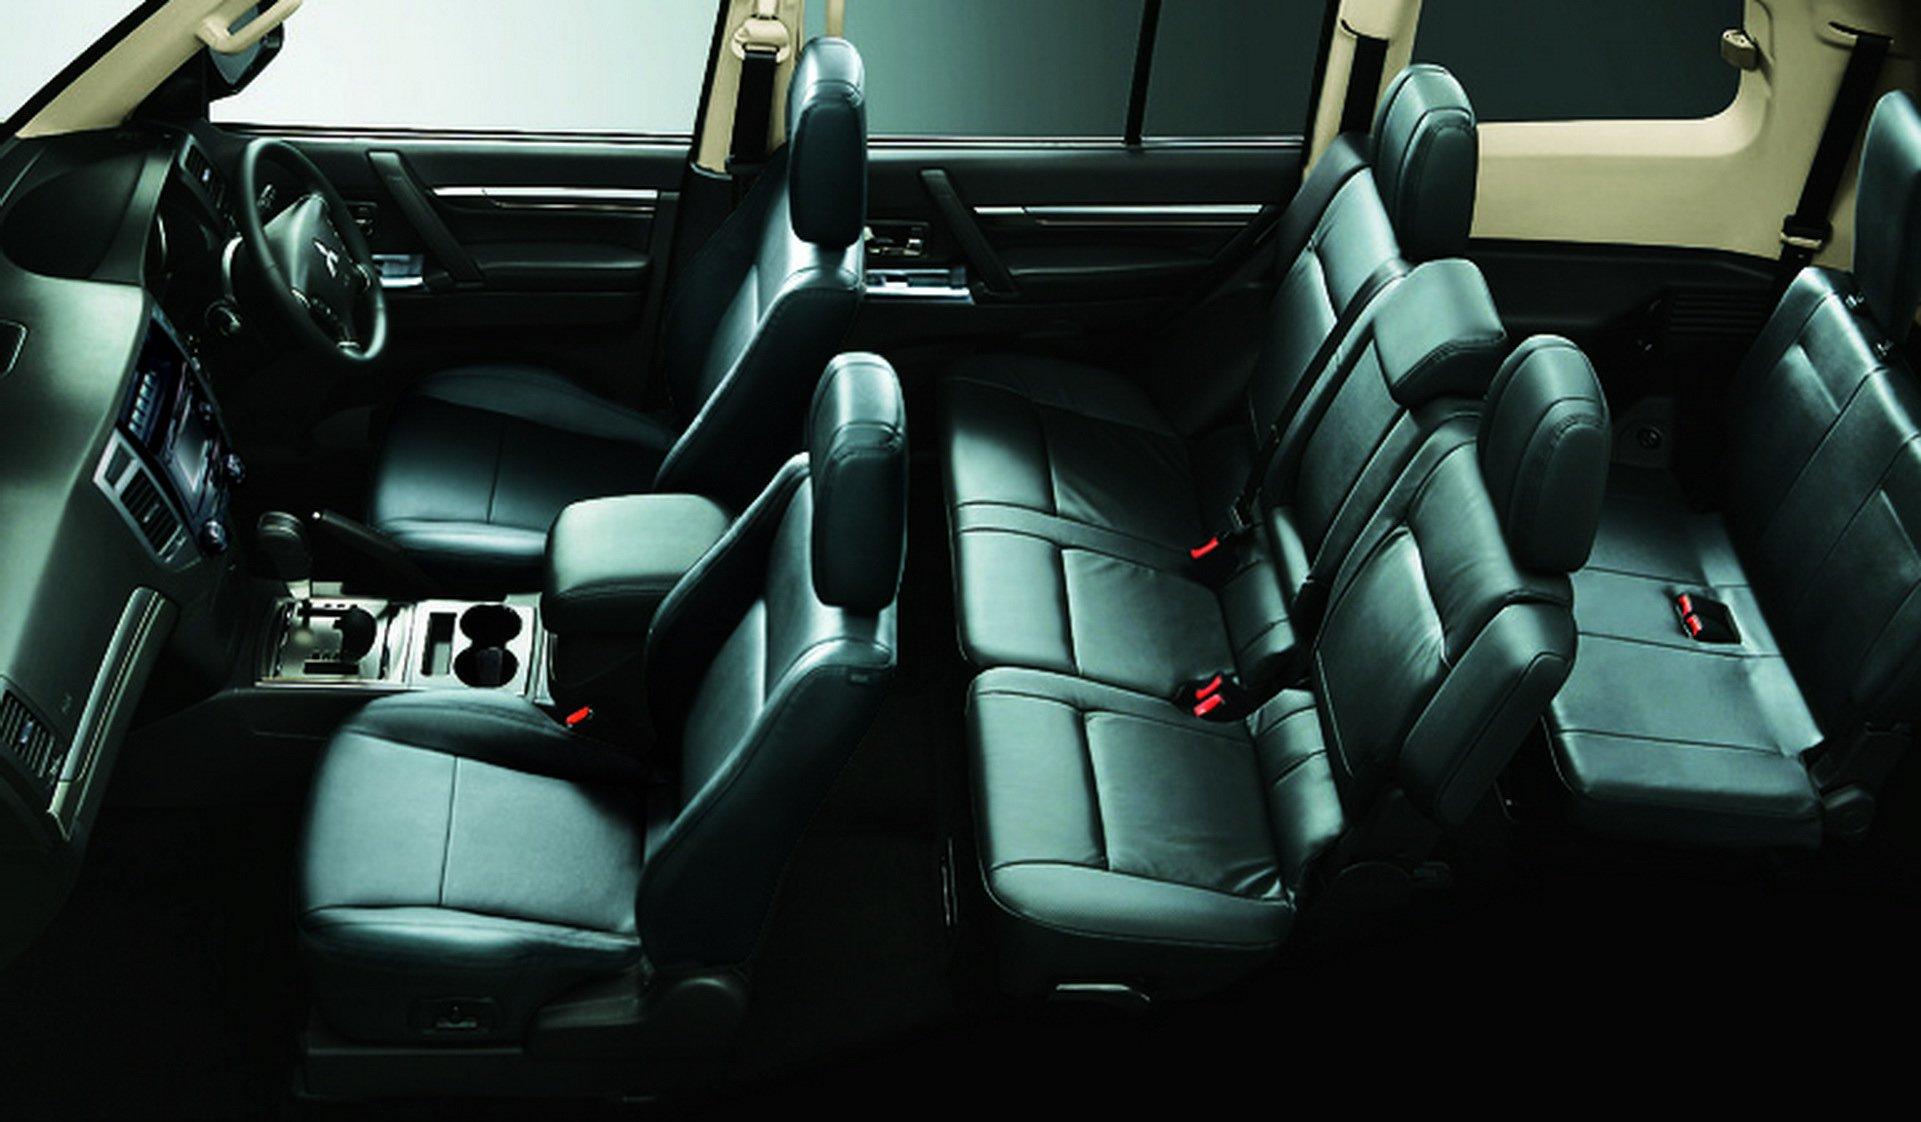 Mitsubishi giới thiệu Pajero Final Edition phiên bản cuối cùng, giới hạn 700 chiếc 5